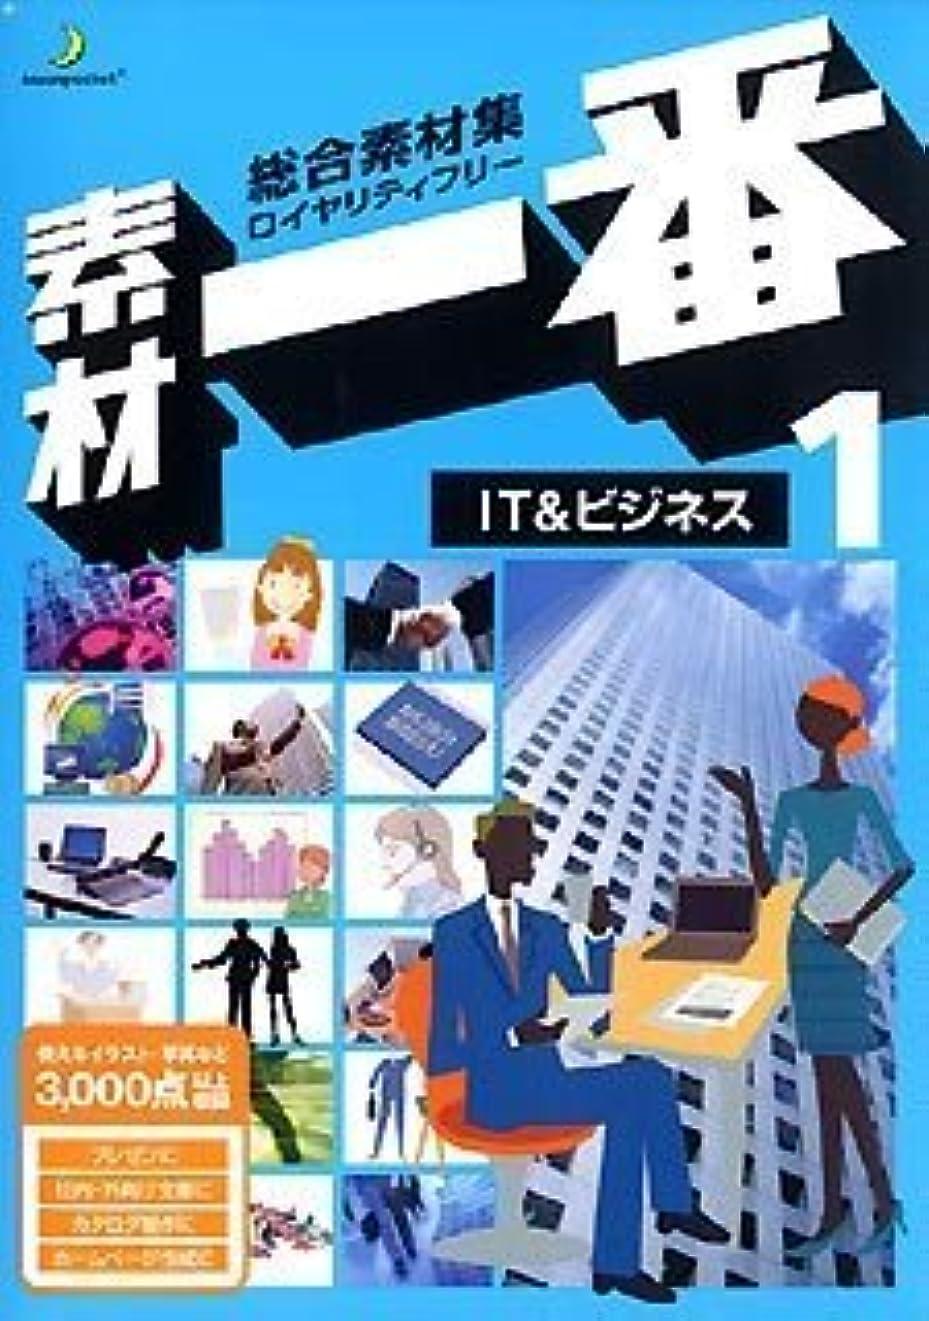 モールモトリータイマー素材一番 1 IT&ビジネス